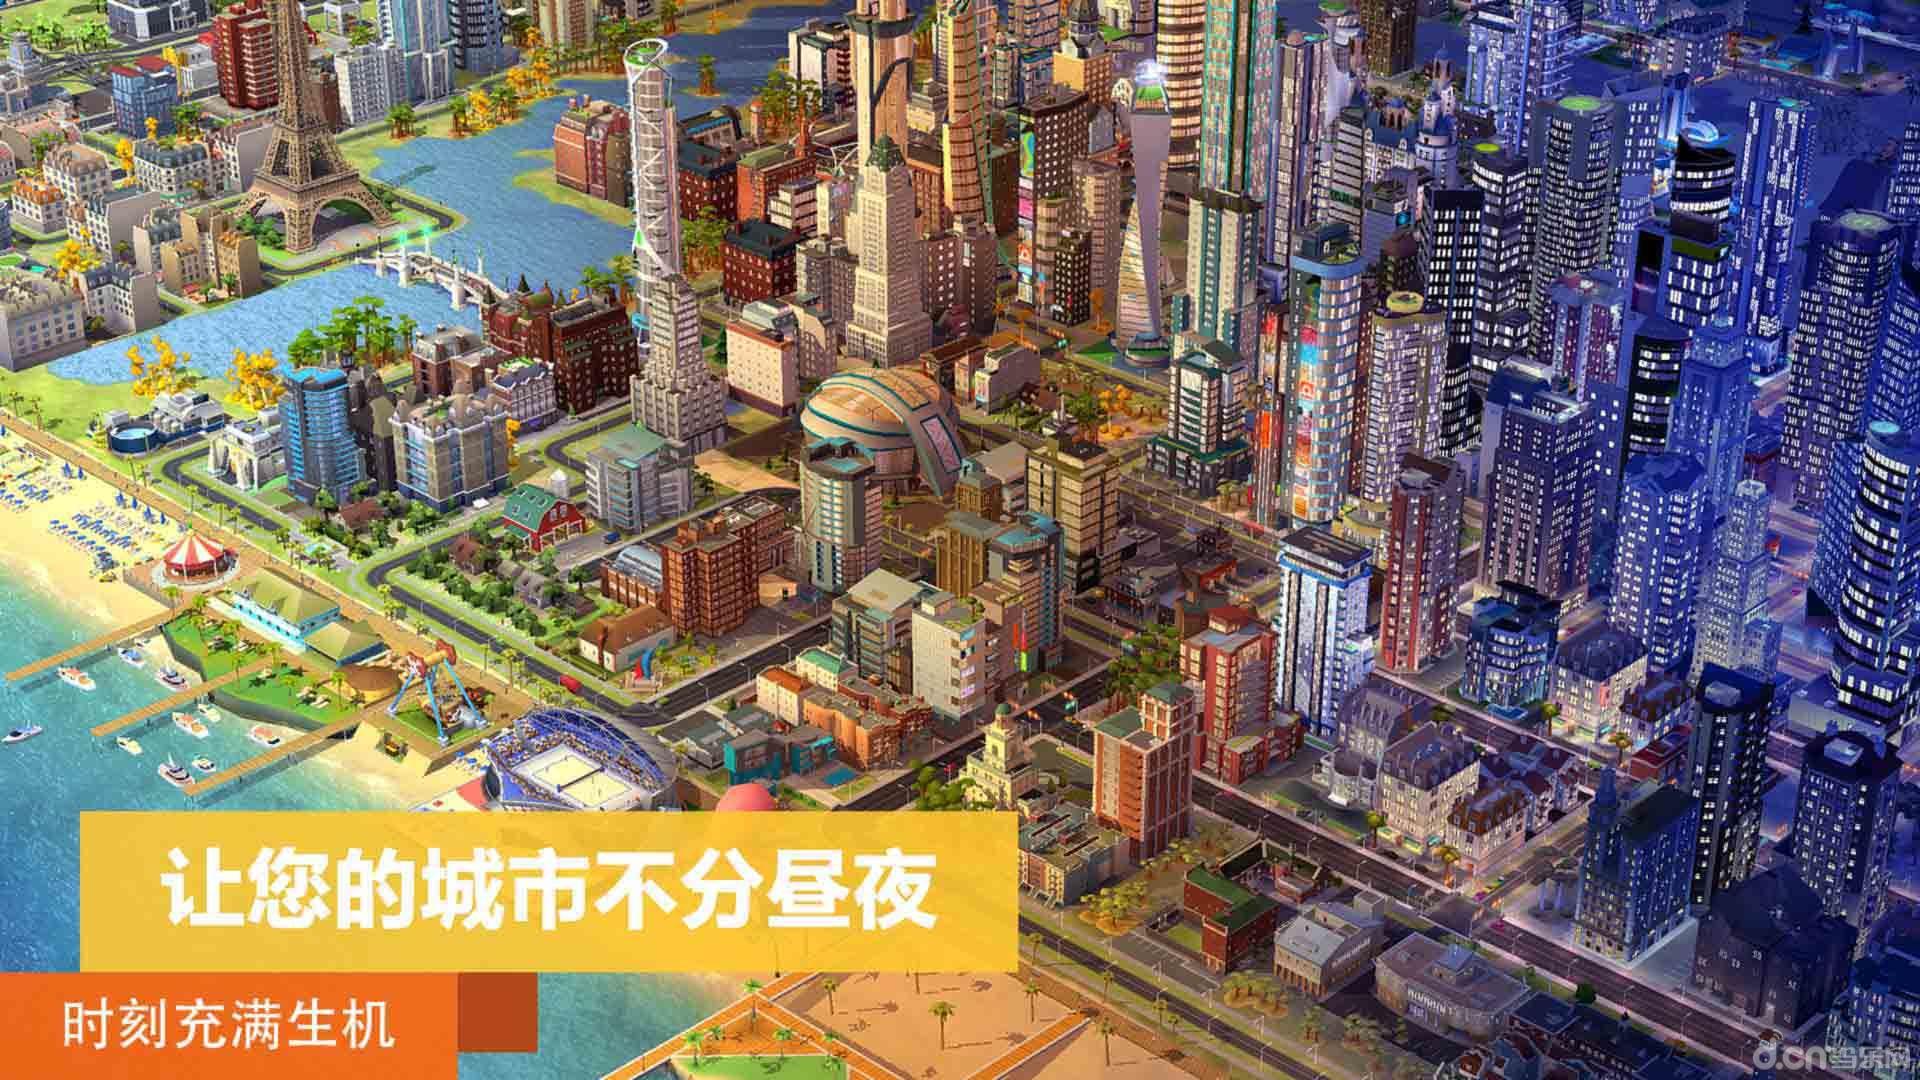 简介 终极《模拟城市》移动游戏《模拟城市:我是市长》基于EA旗下27年金牌游戏IP Simcity开发制作。 全球版上线三周超过1550万次下载量 曾在iOS中国区蝉联一周下载榜首位 真3D设计,带你领略市民们蓬勃发展的不夜城。 沿着海岸扩展城市沙滩,亲手打造华丽滨海景观。 飞机坪系统带你跨越国度,把东京、巴黎等著名小镇搬回家。 施放灾难,主宰城市大灾变;重建家园,获取知名地标素材。 运营你的布局能力,过把市长瘾吧!。 嗨,市长!模拟城市春节版本来啦!新春来袭,快来建造属于你的新春城市